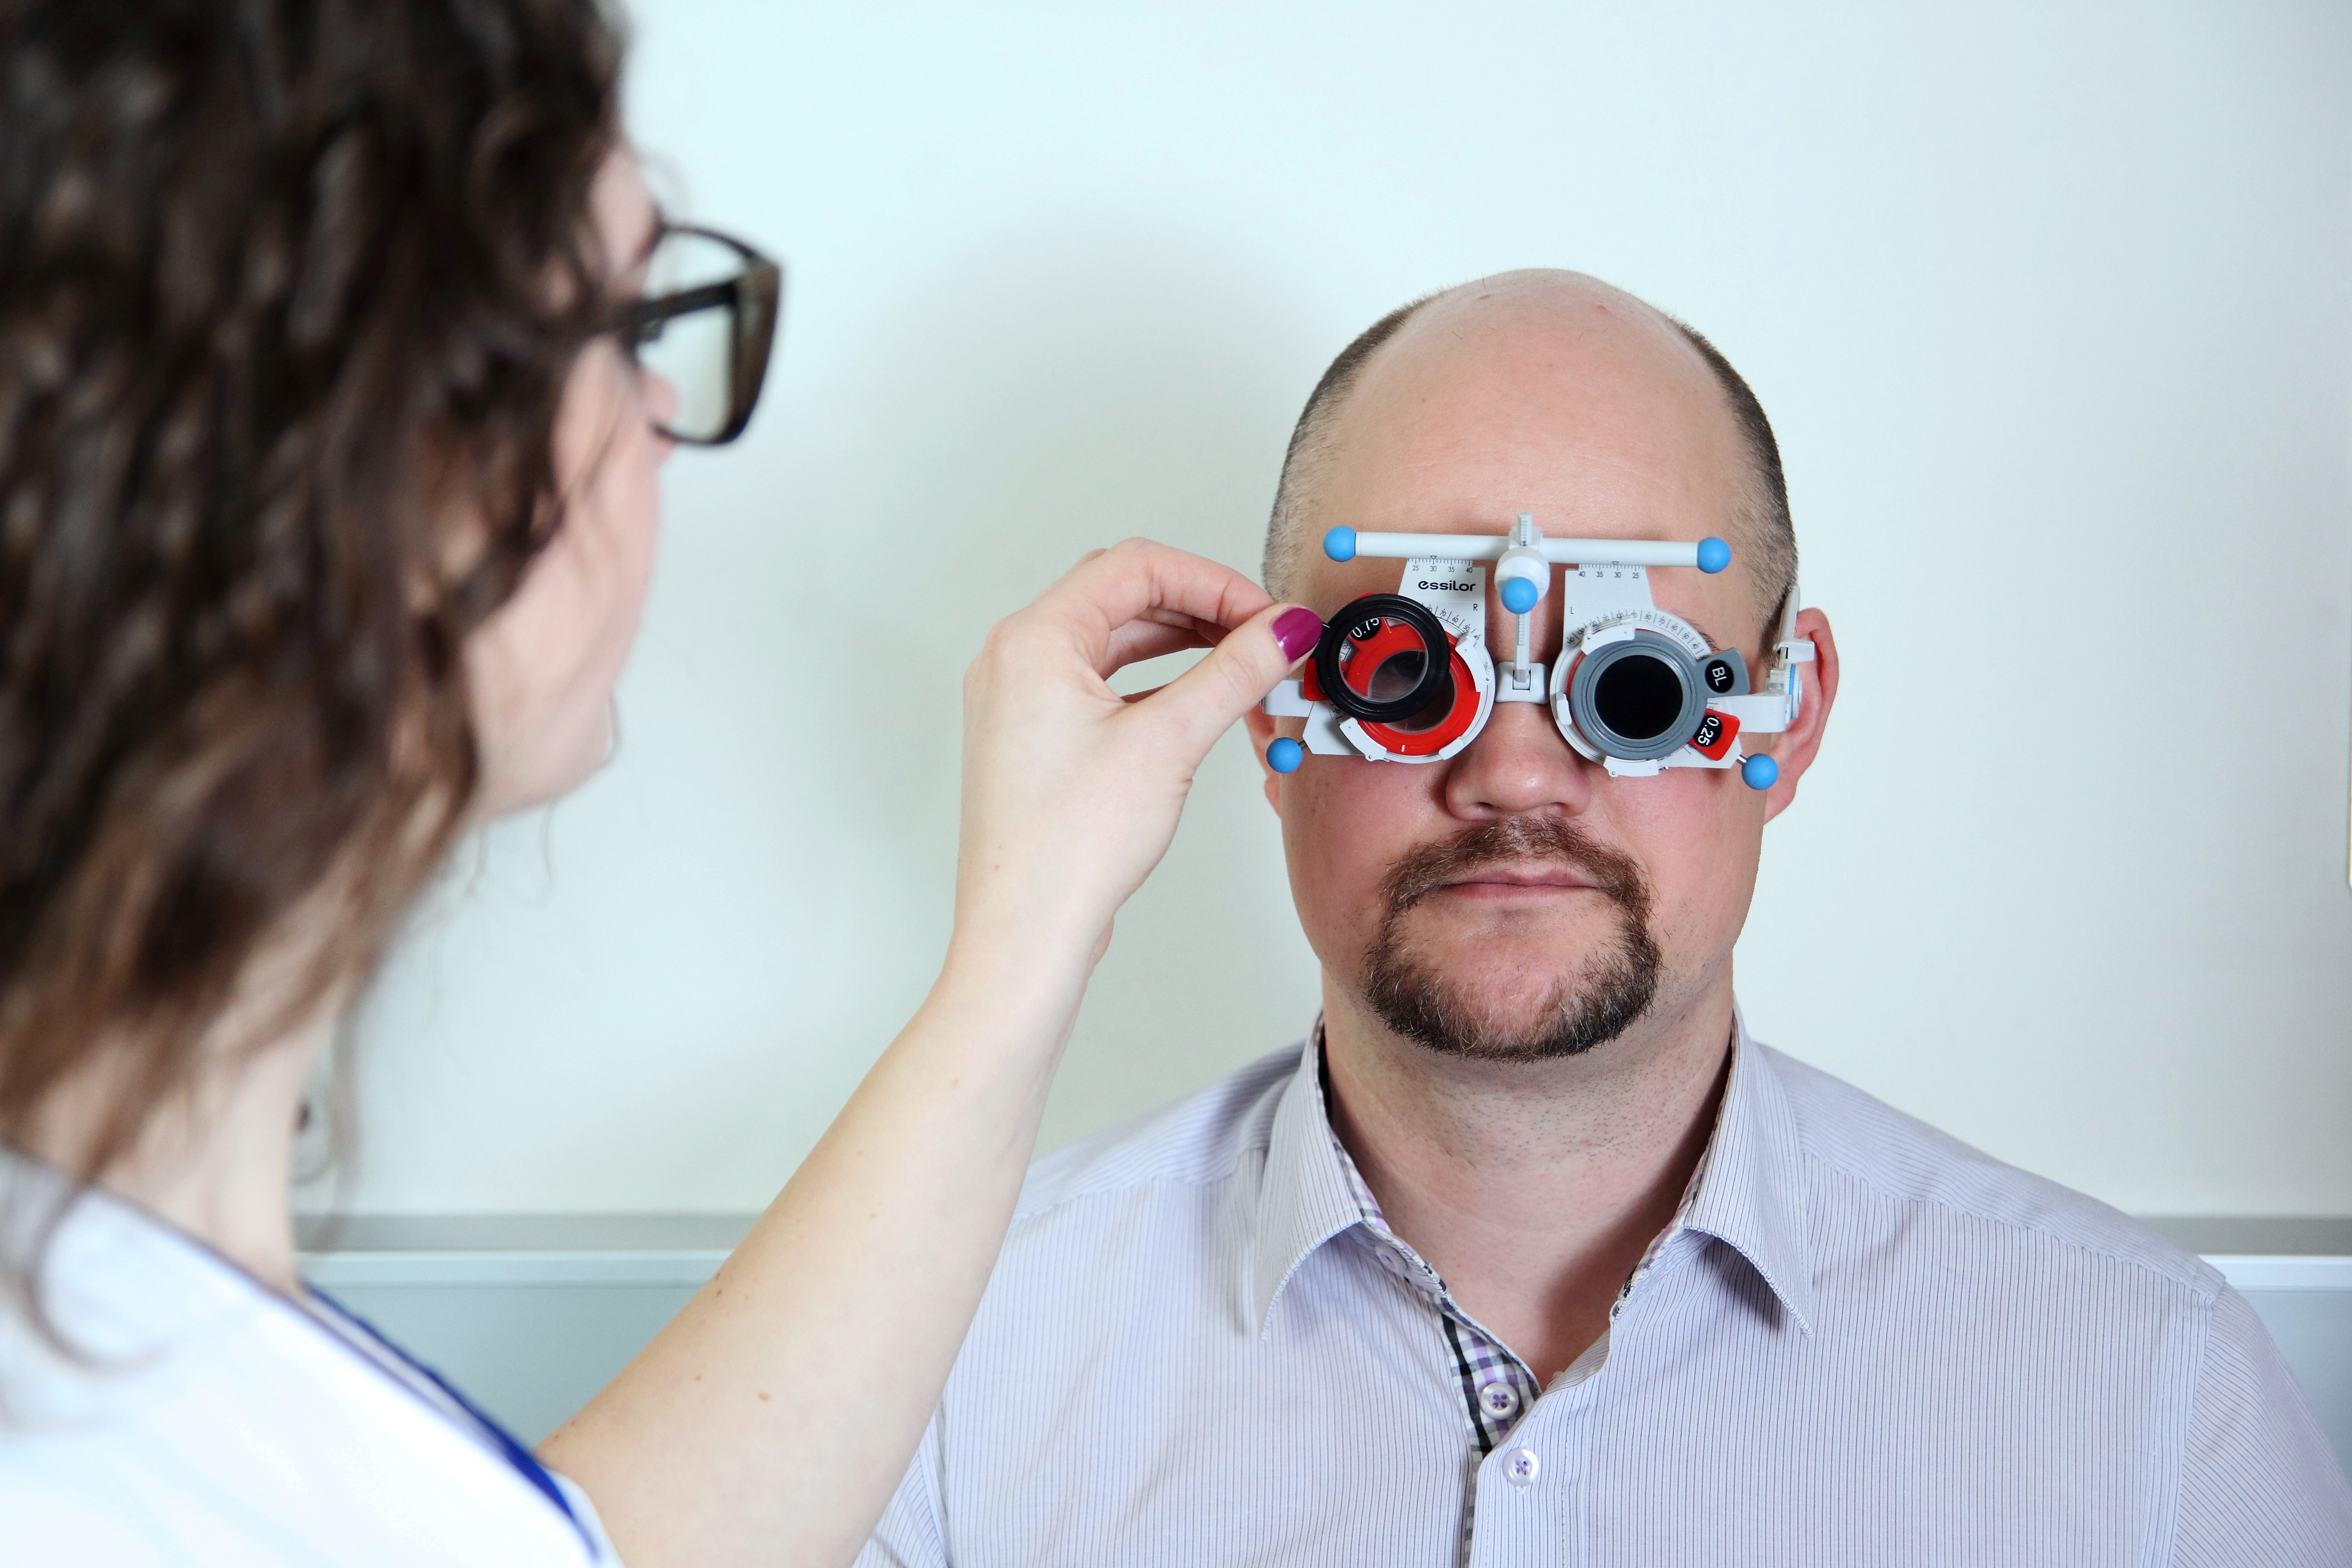 Course Image RedZR004-LV : Klīniskā prakse optometrijā III